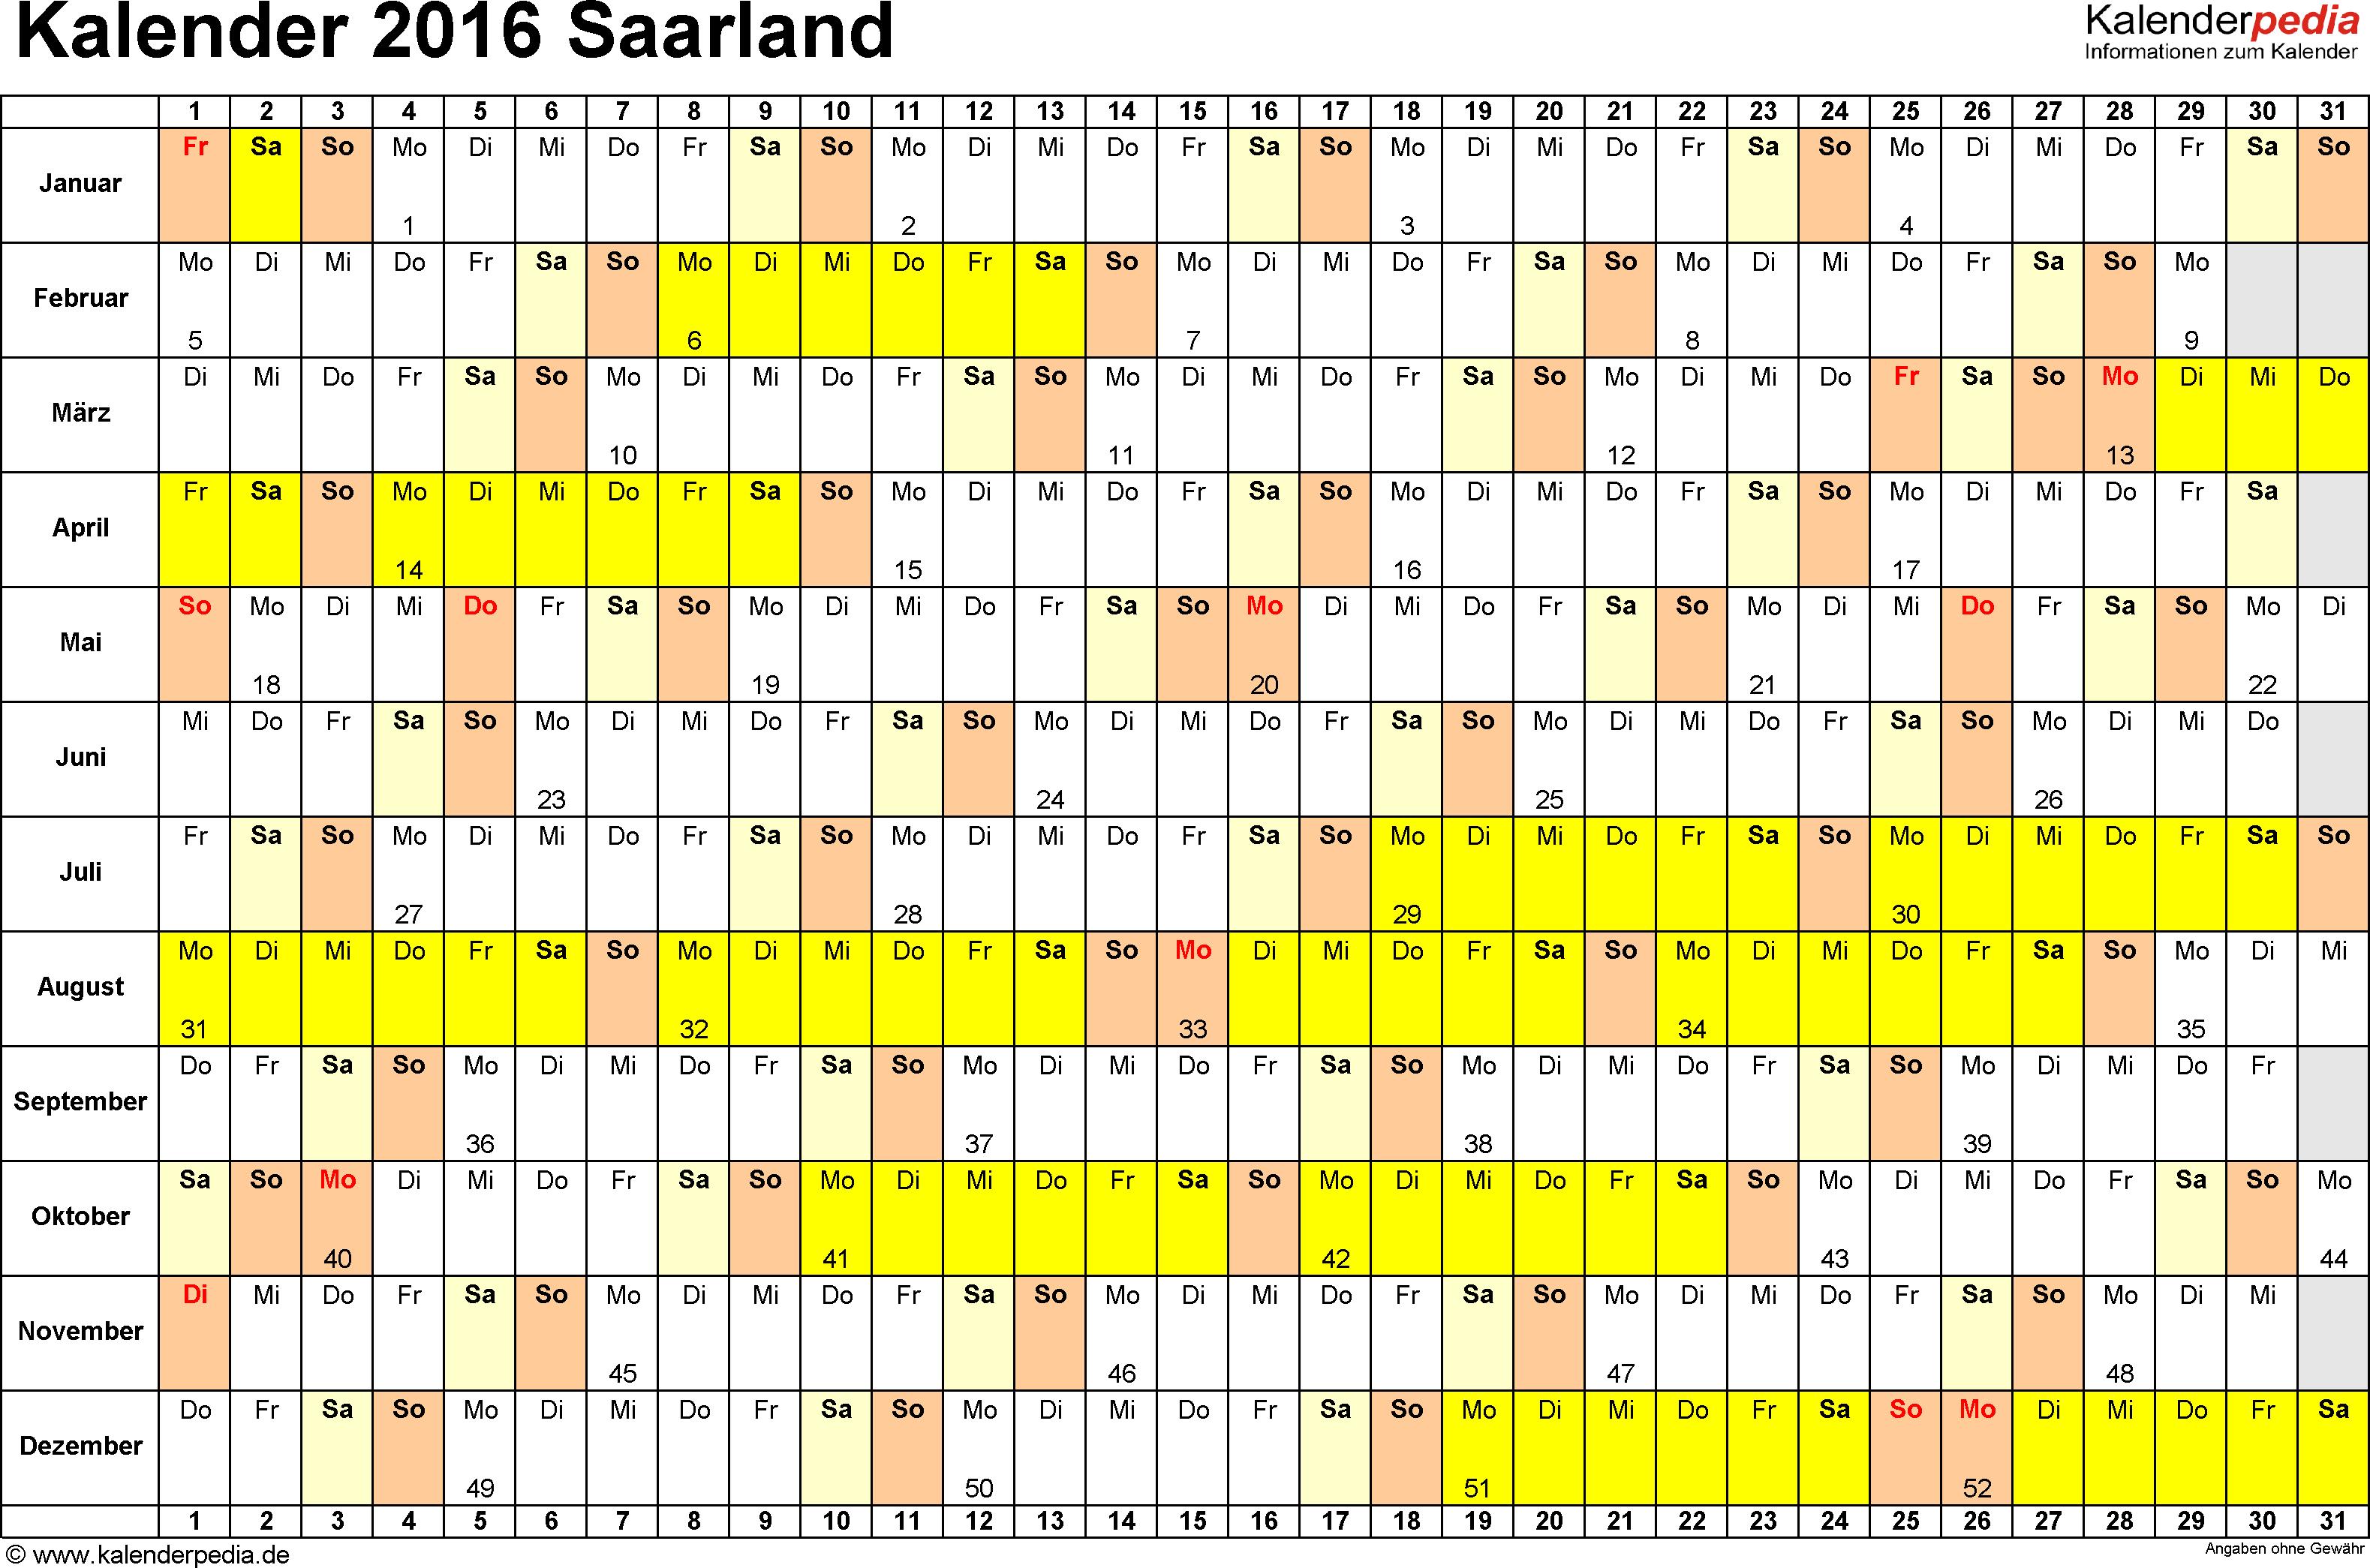 Vorlage 3: Kalender Saarland 2016 im Querformat, Tage nebeneinander